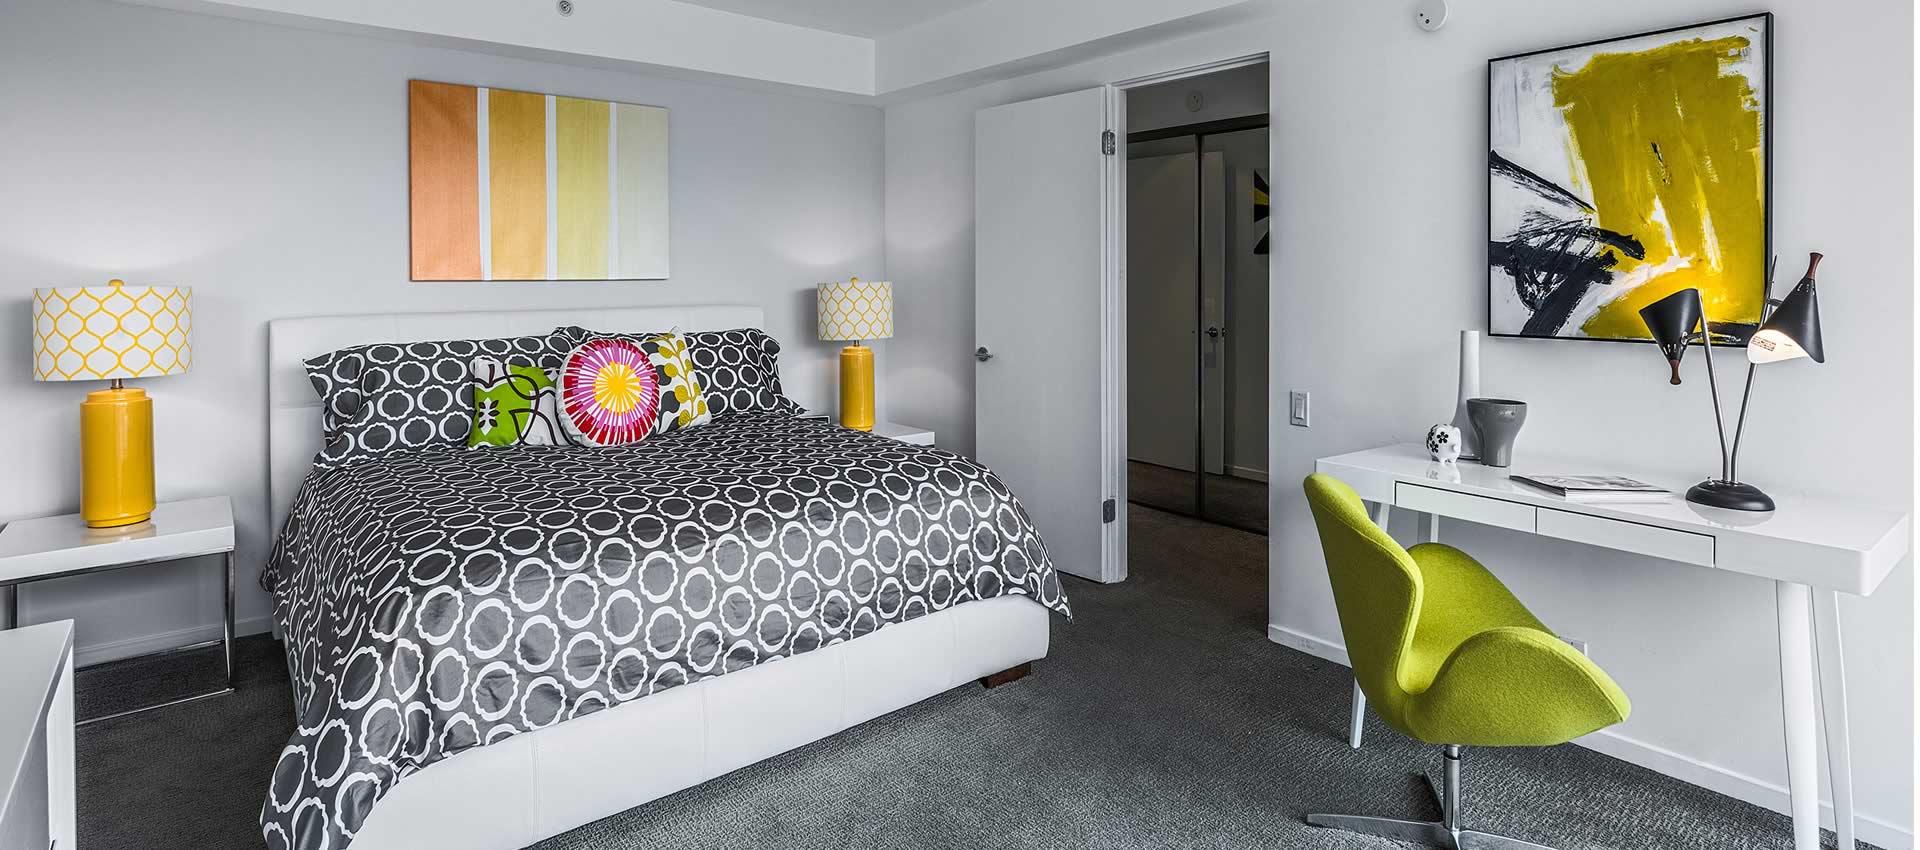 twist-hotel-room221-bedroom-02